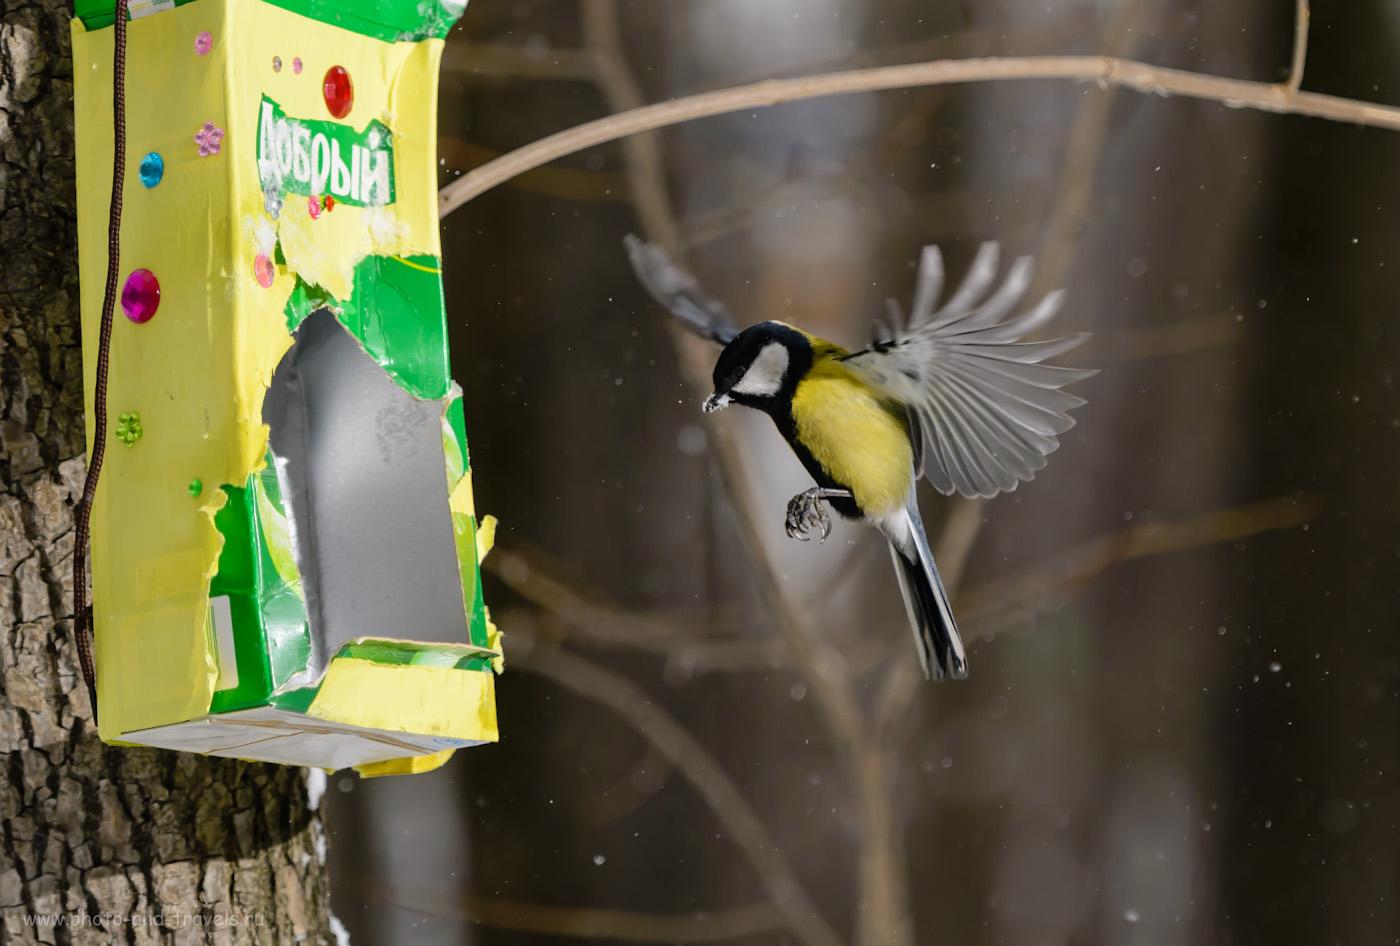 Фотография 9. Для выравнивания освещенности птицы и фона при фотоохоте со вспышкой приходится повышать ИСО. Настройки: 1/2000, 4.0, 500, 160.